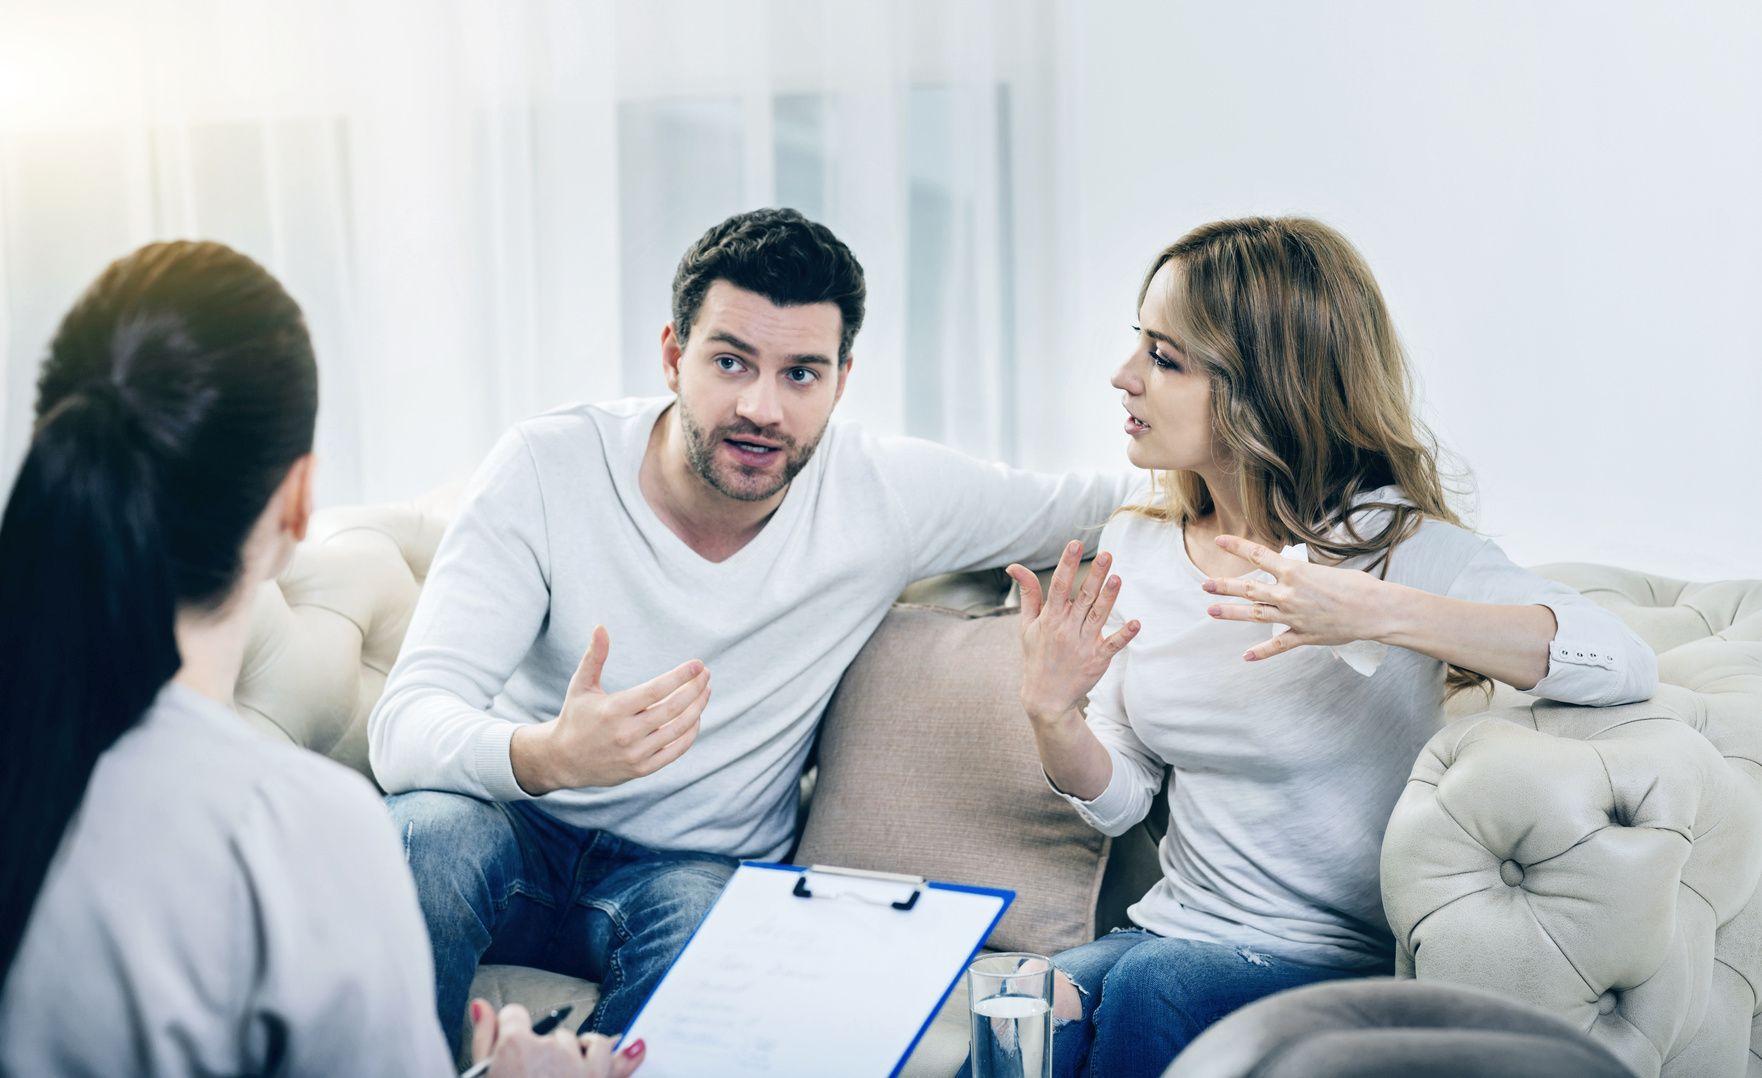 co robić, gdy umawiasz się z kimś z depresją Aplikacja randkowa Sverige